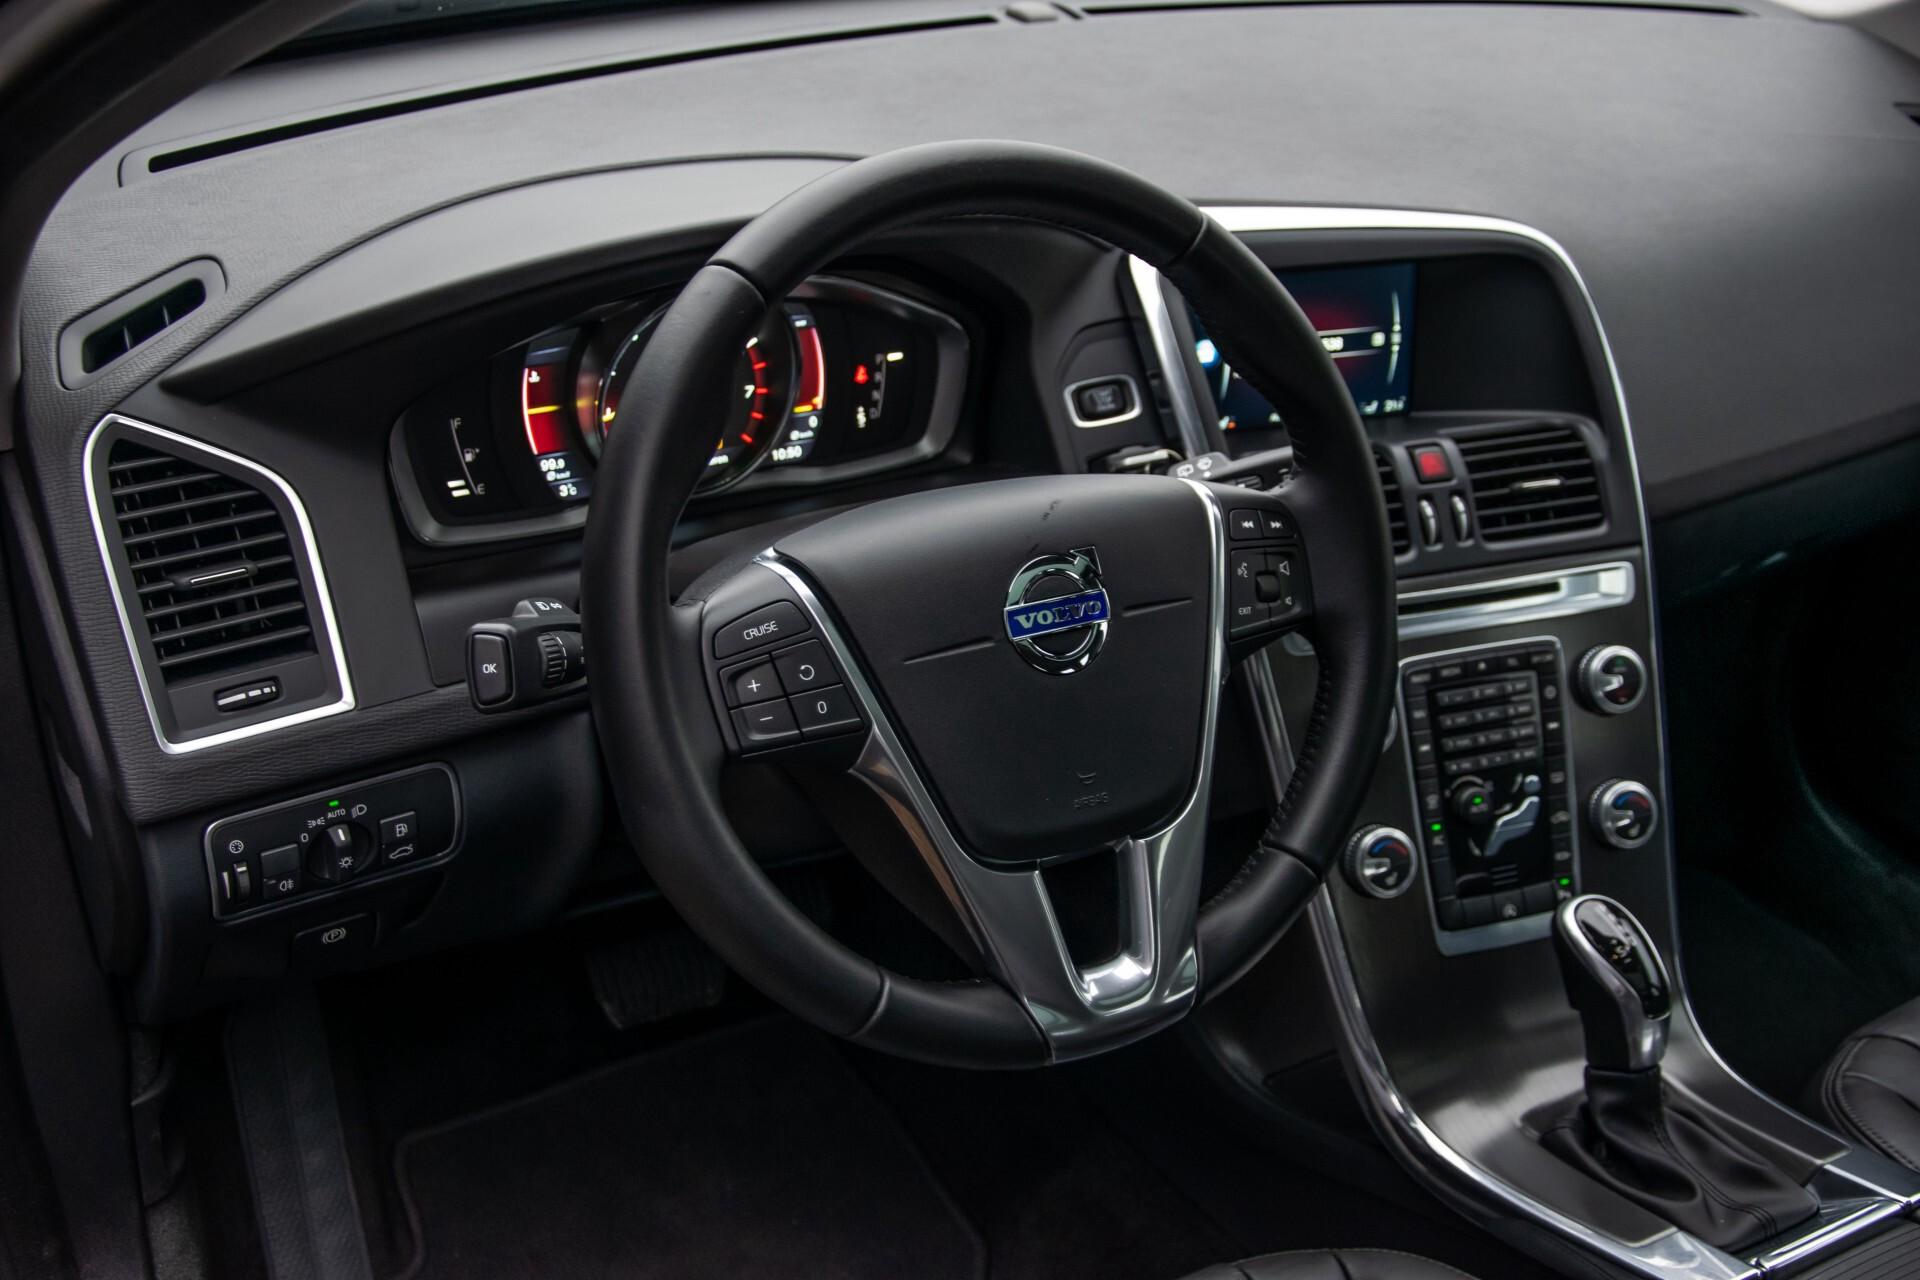 Volvo XC60 2.0 T5 FWD Ocean Race Panorama/Leer/Dealer OH Aut8 Foto 15